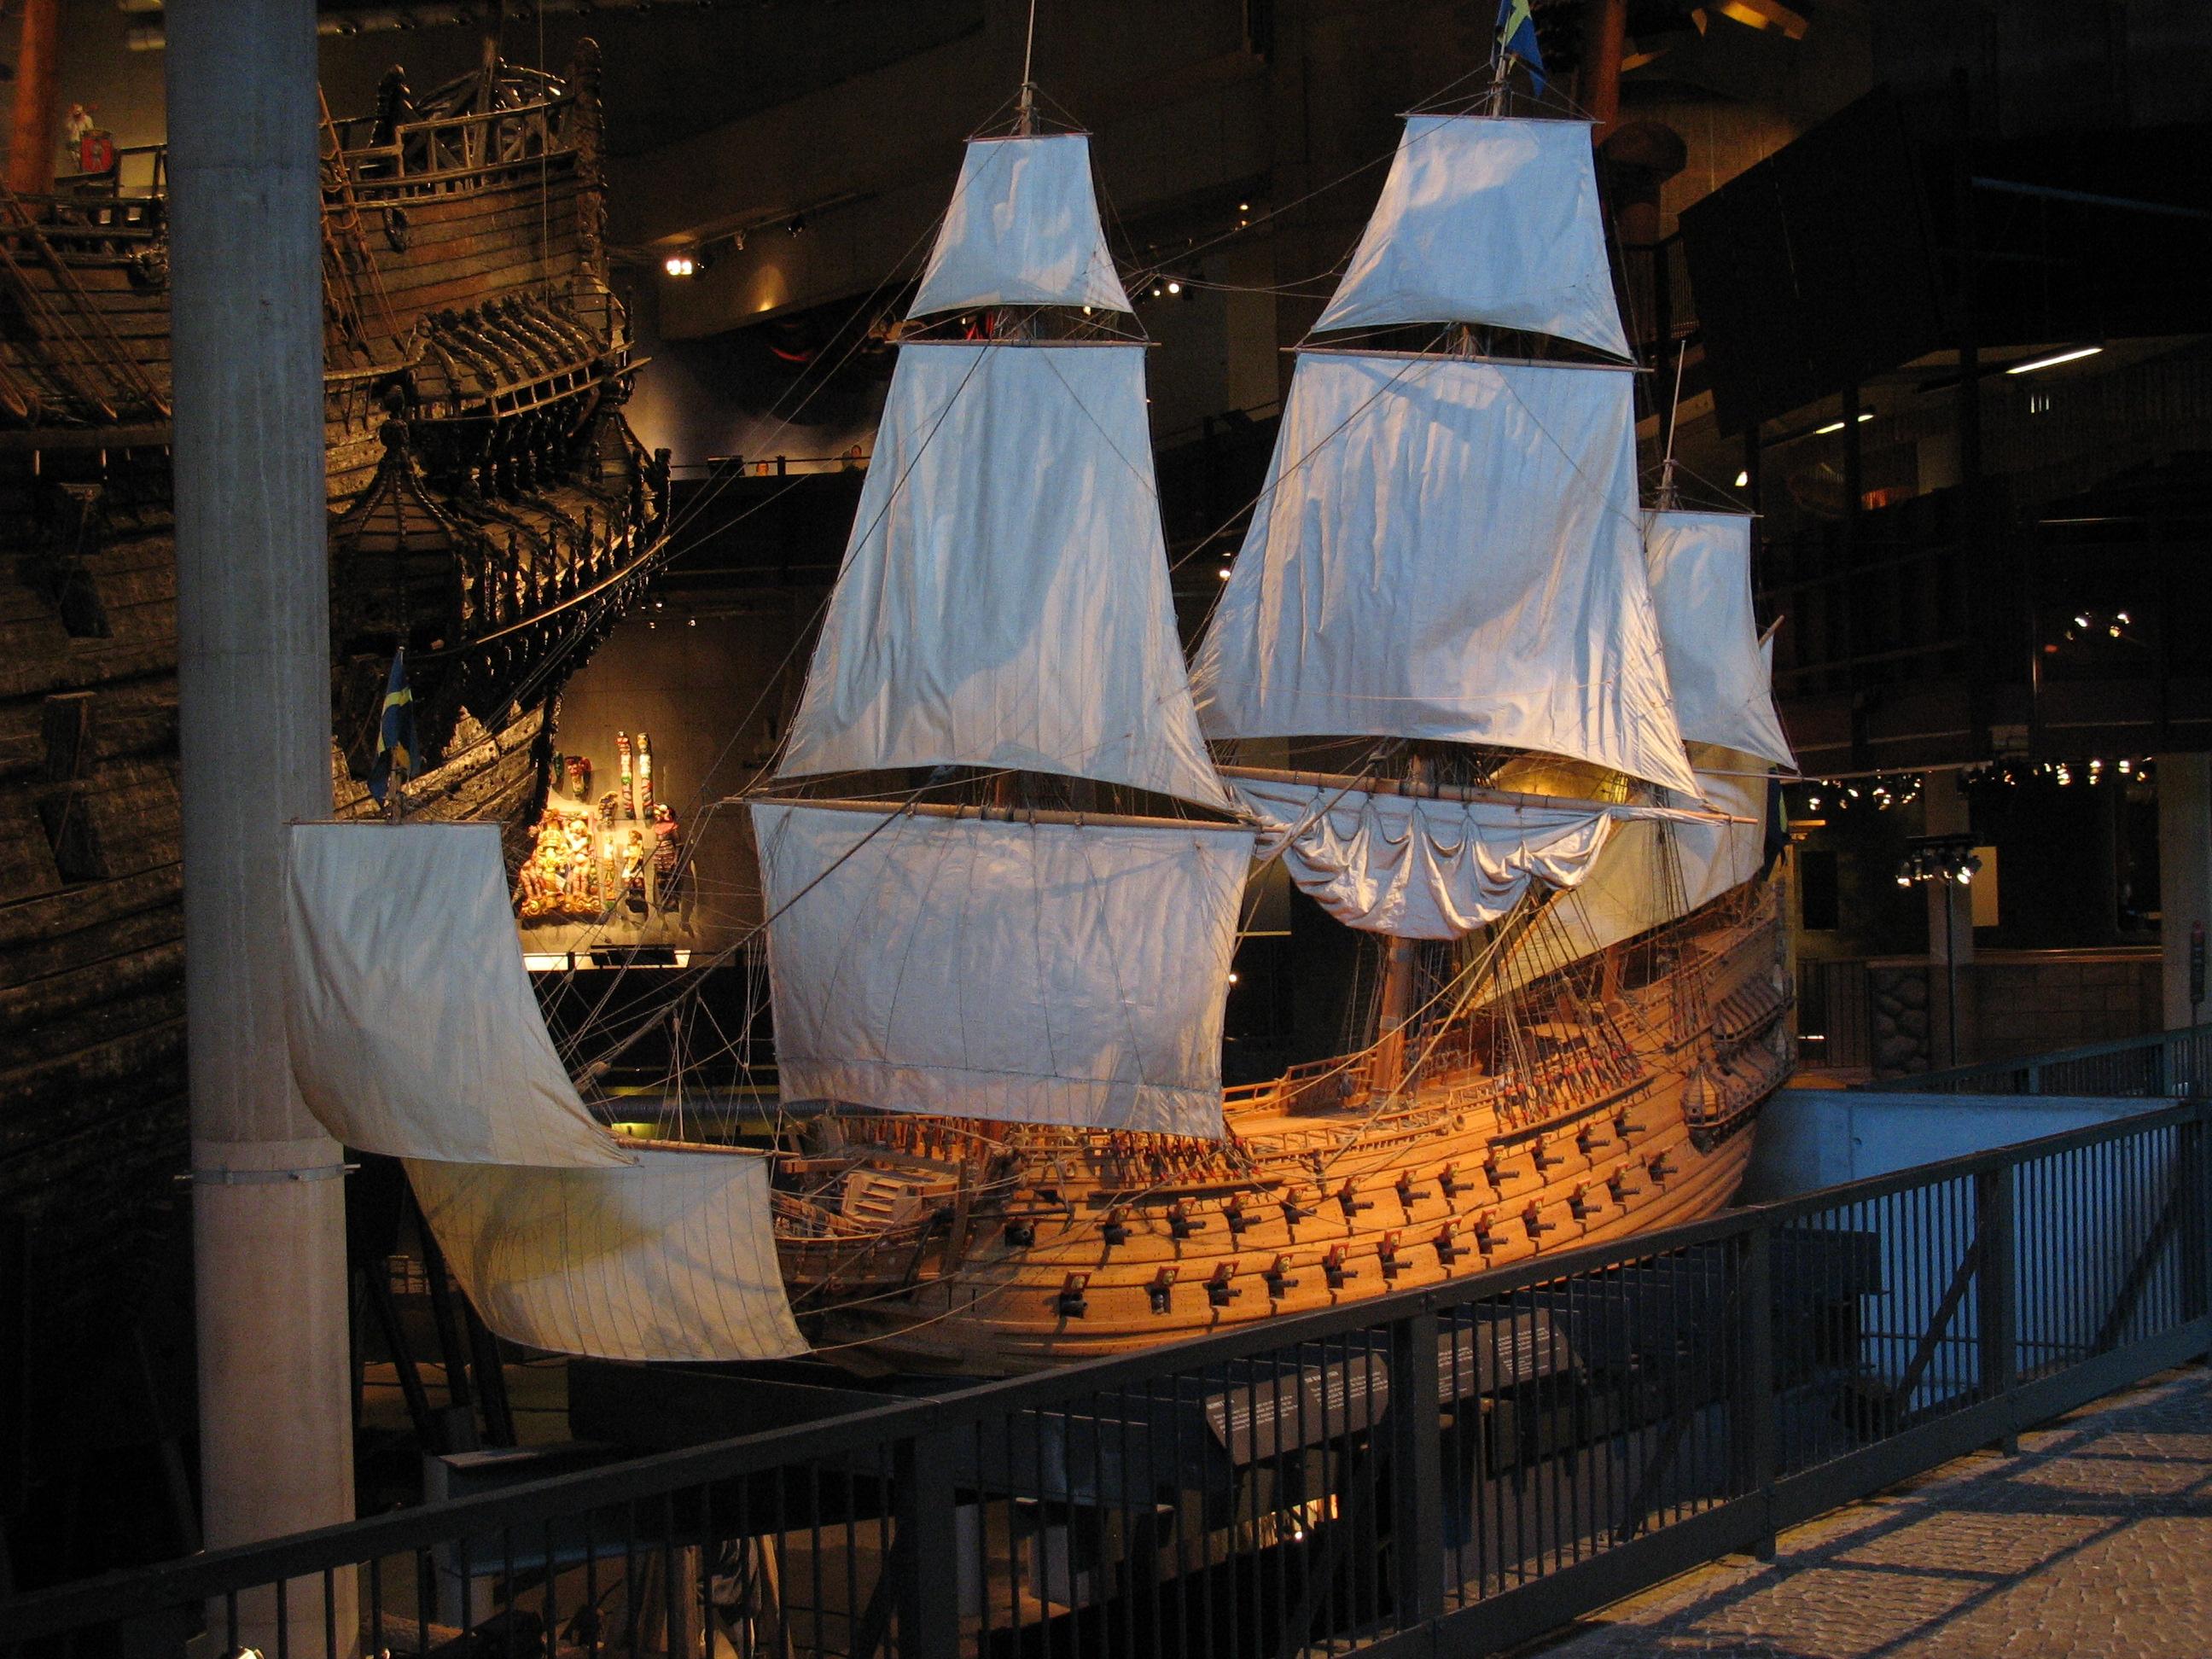 Maqueta del Vasa, con el original detrás. Imagen de Wikimedia Commons